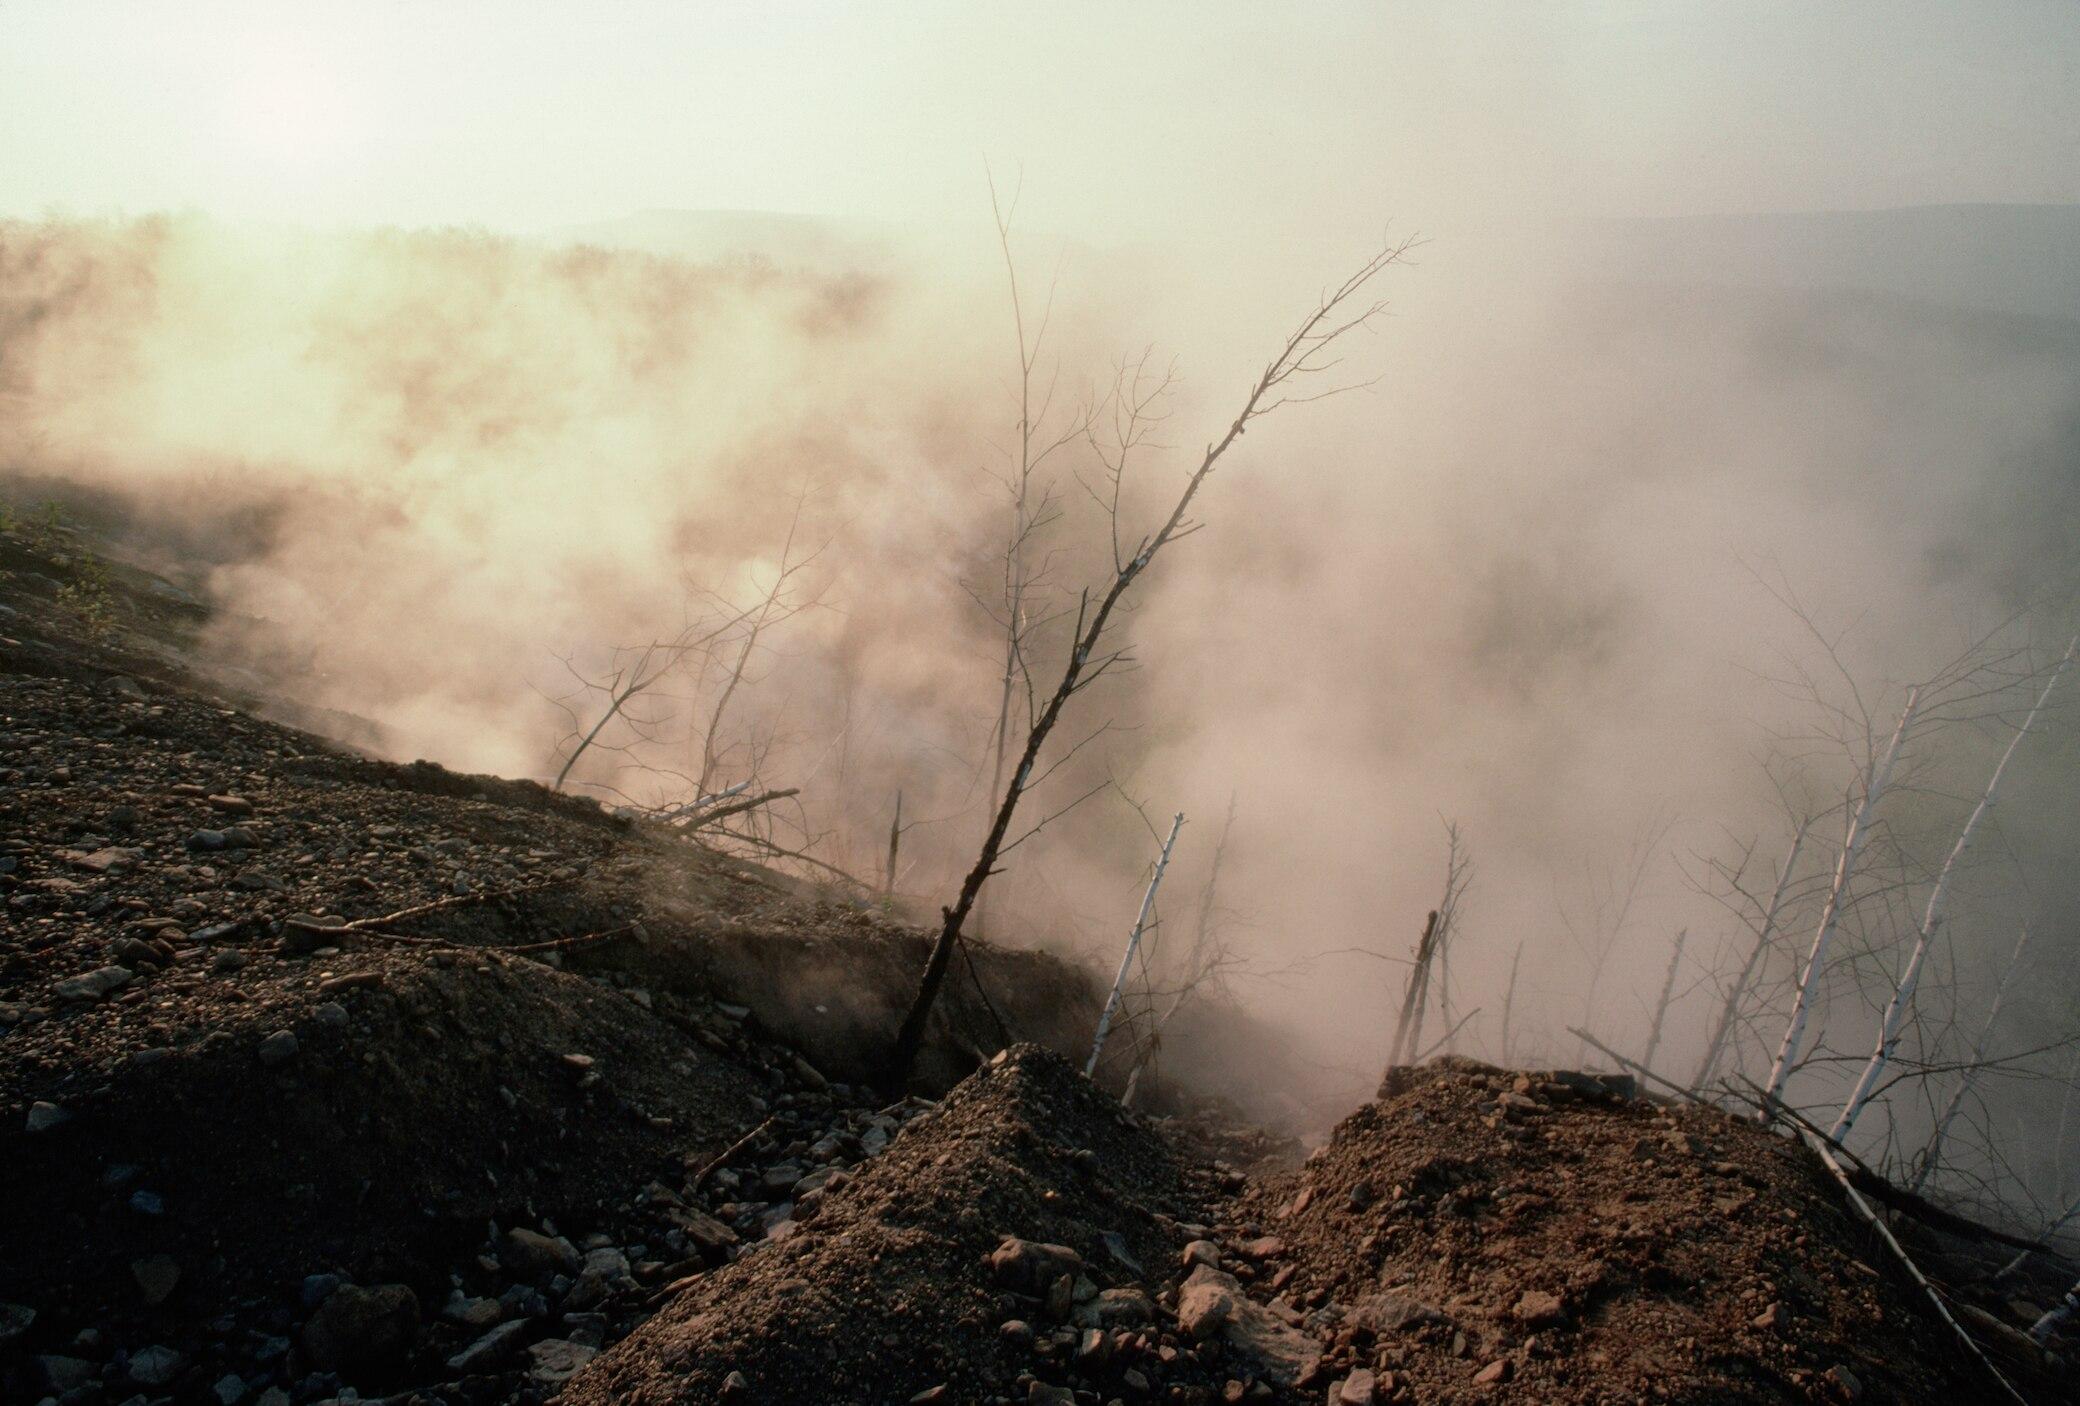 Die brennende Stadt Centralia in den USA